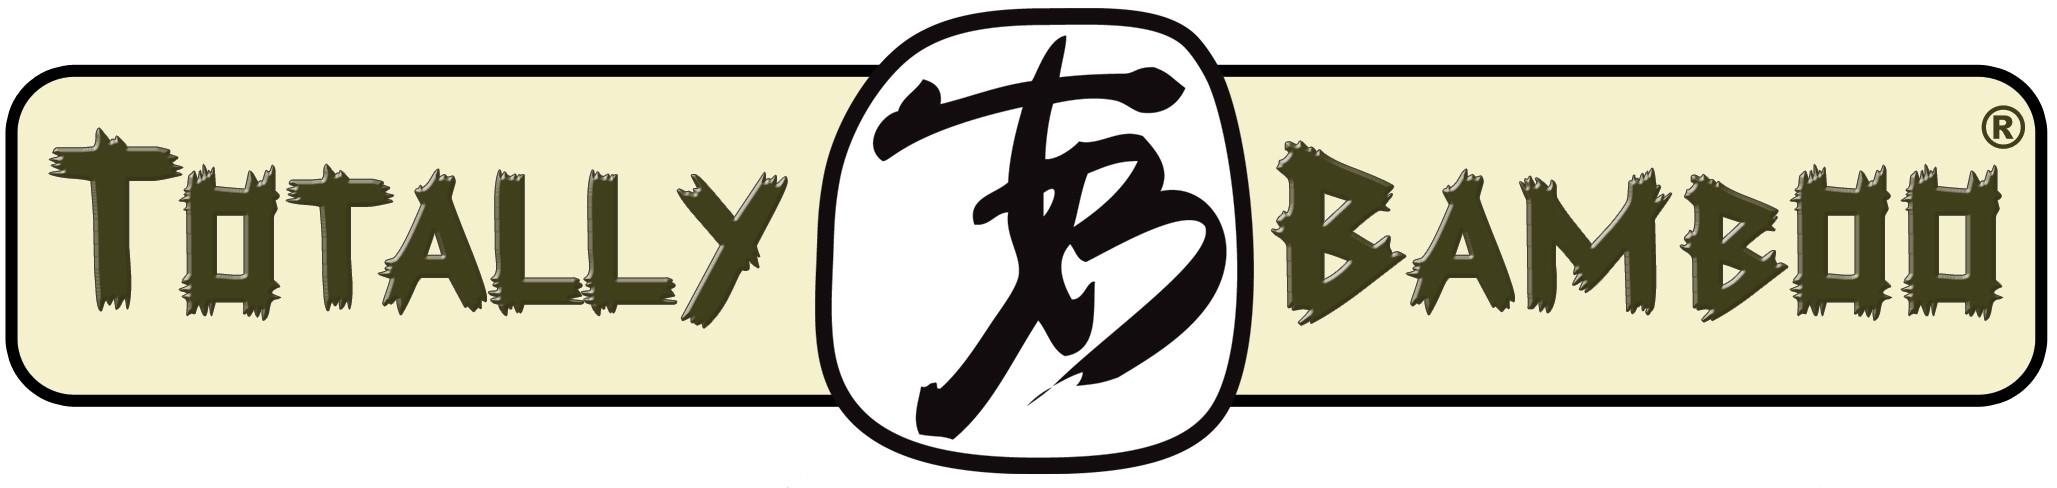 Totally Bambou